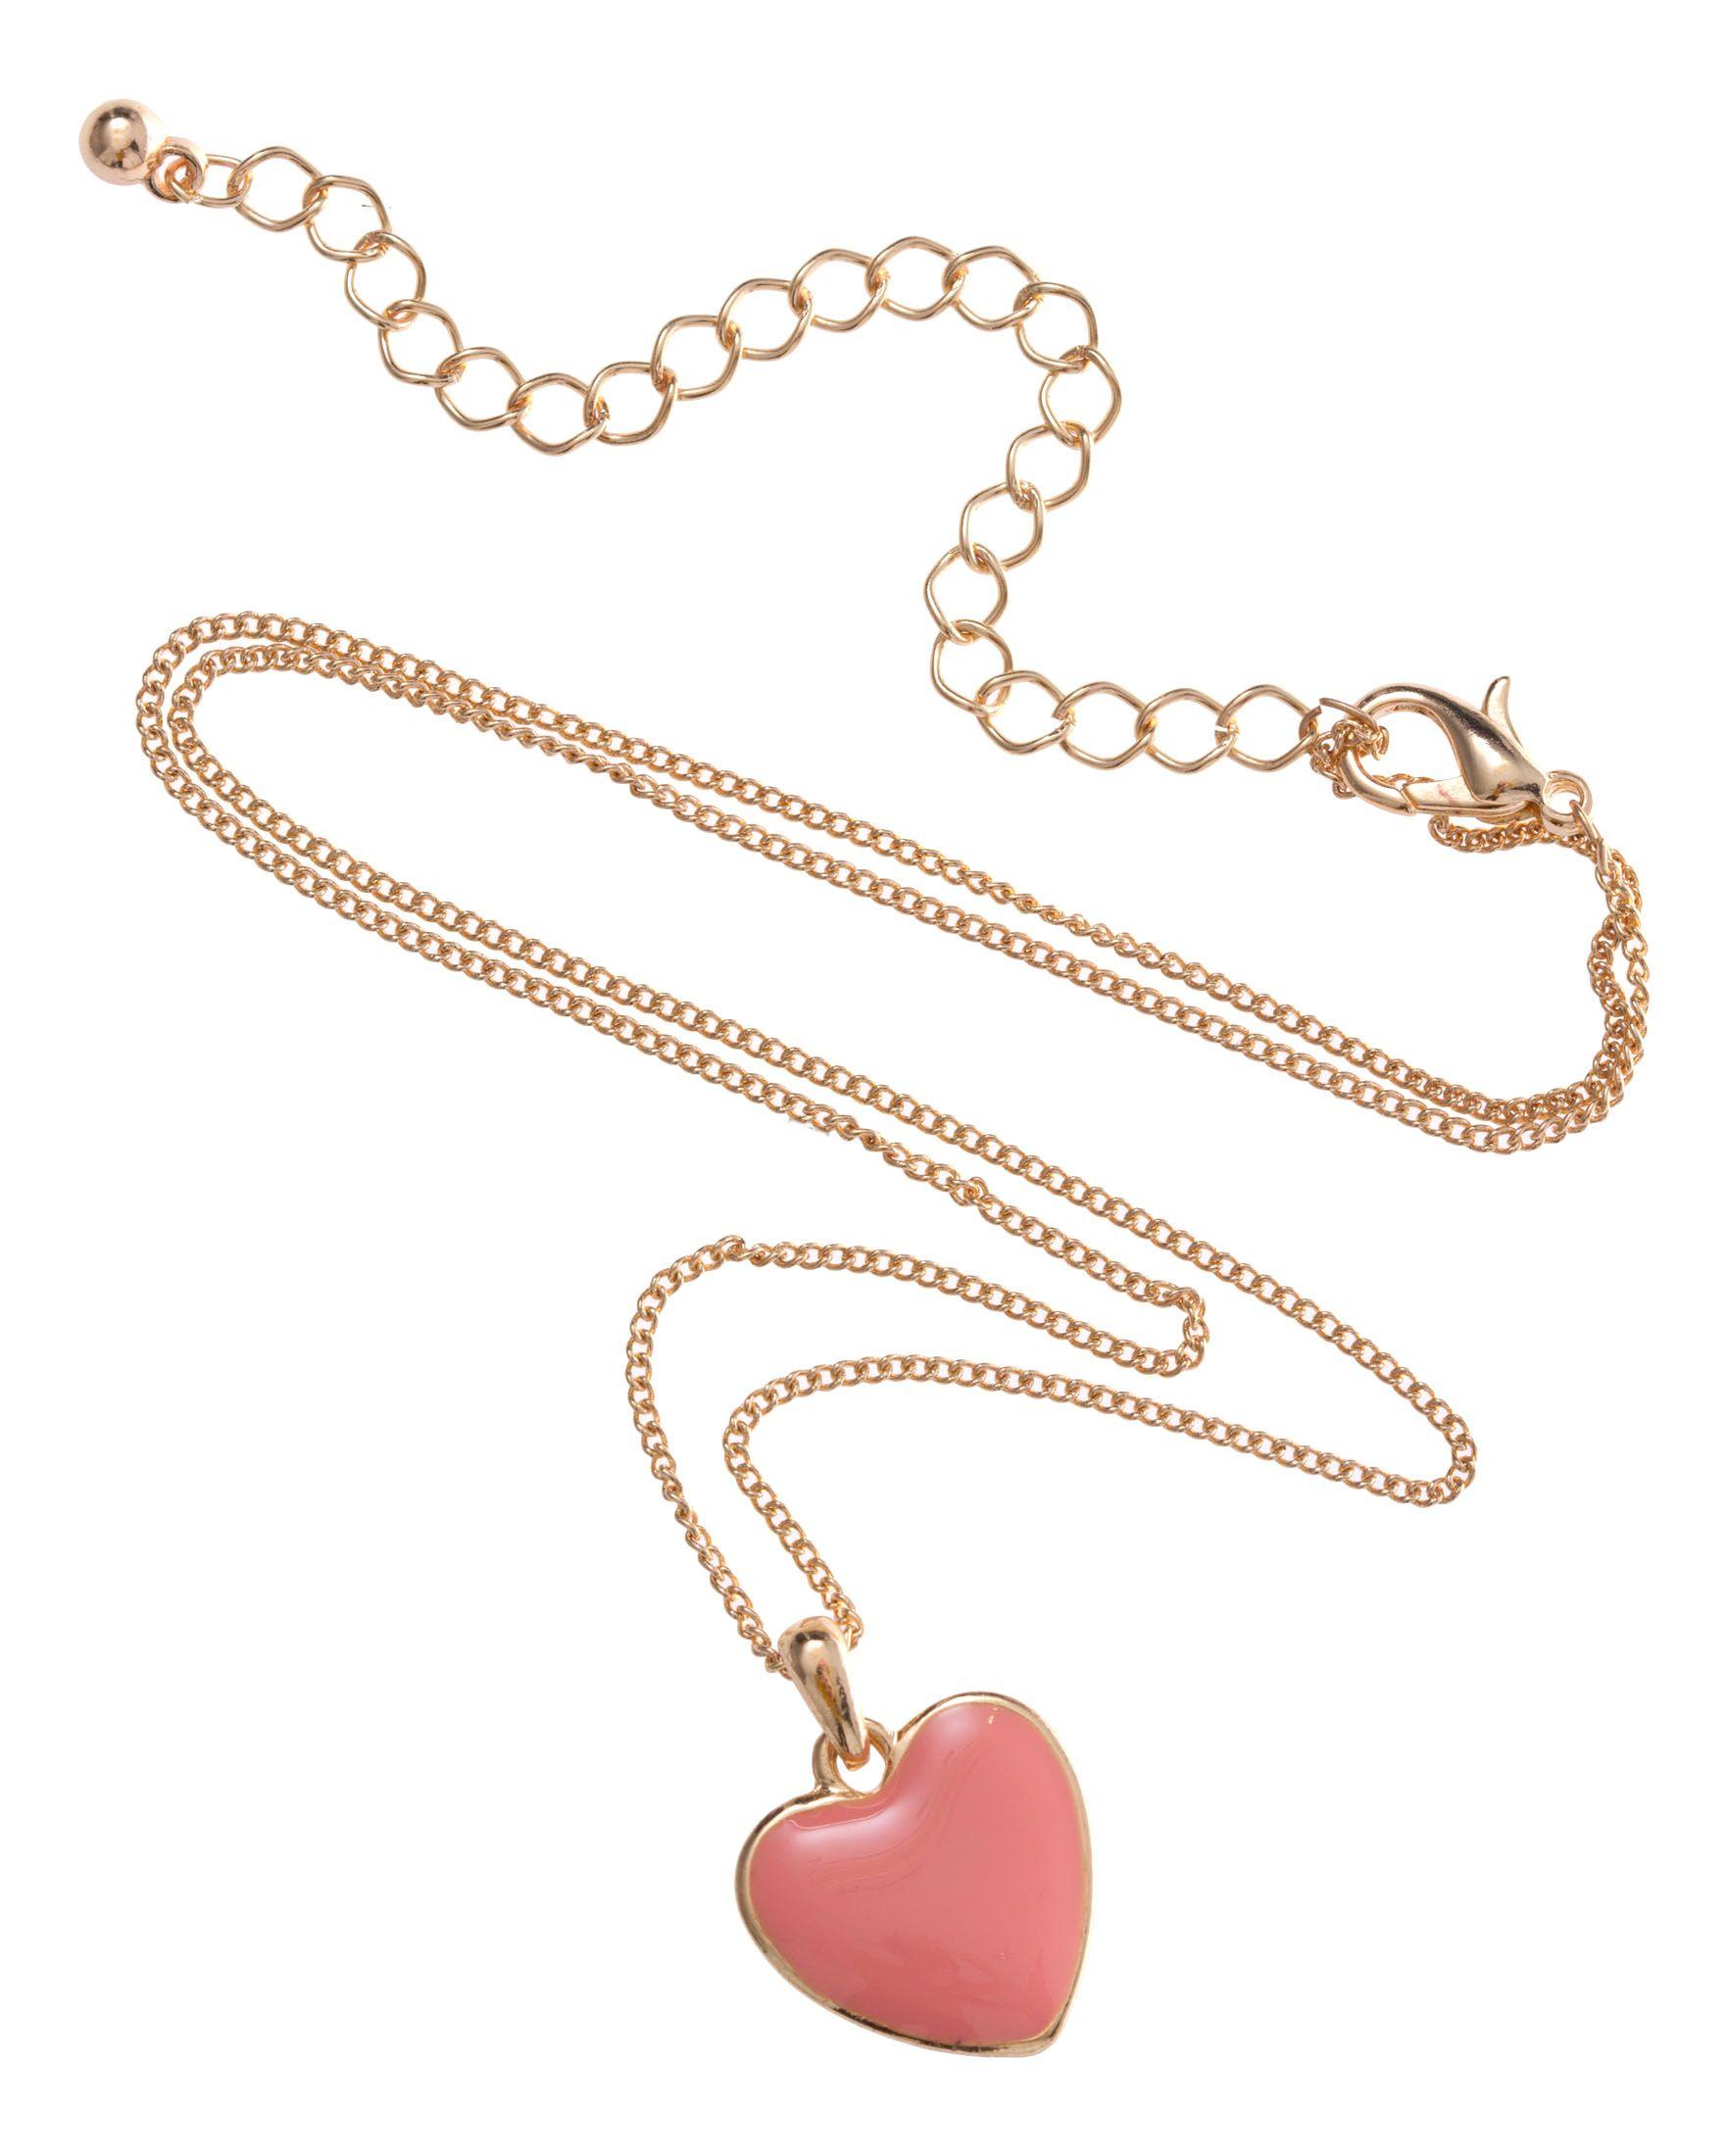 73c47ad305 Colette by Colette Hayman  Heart Pendant  5.95.